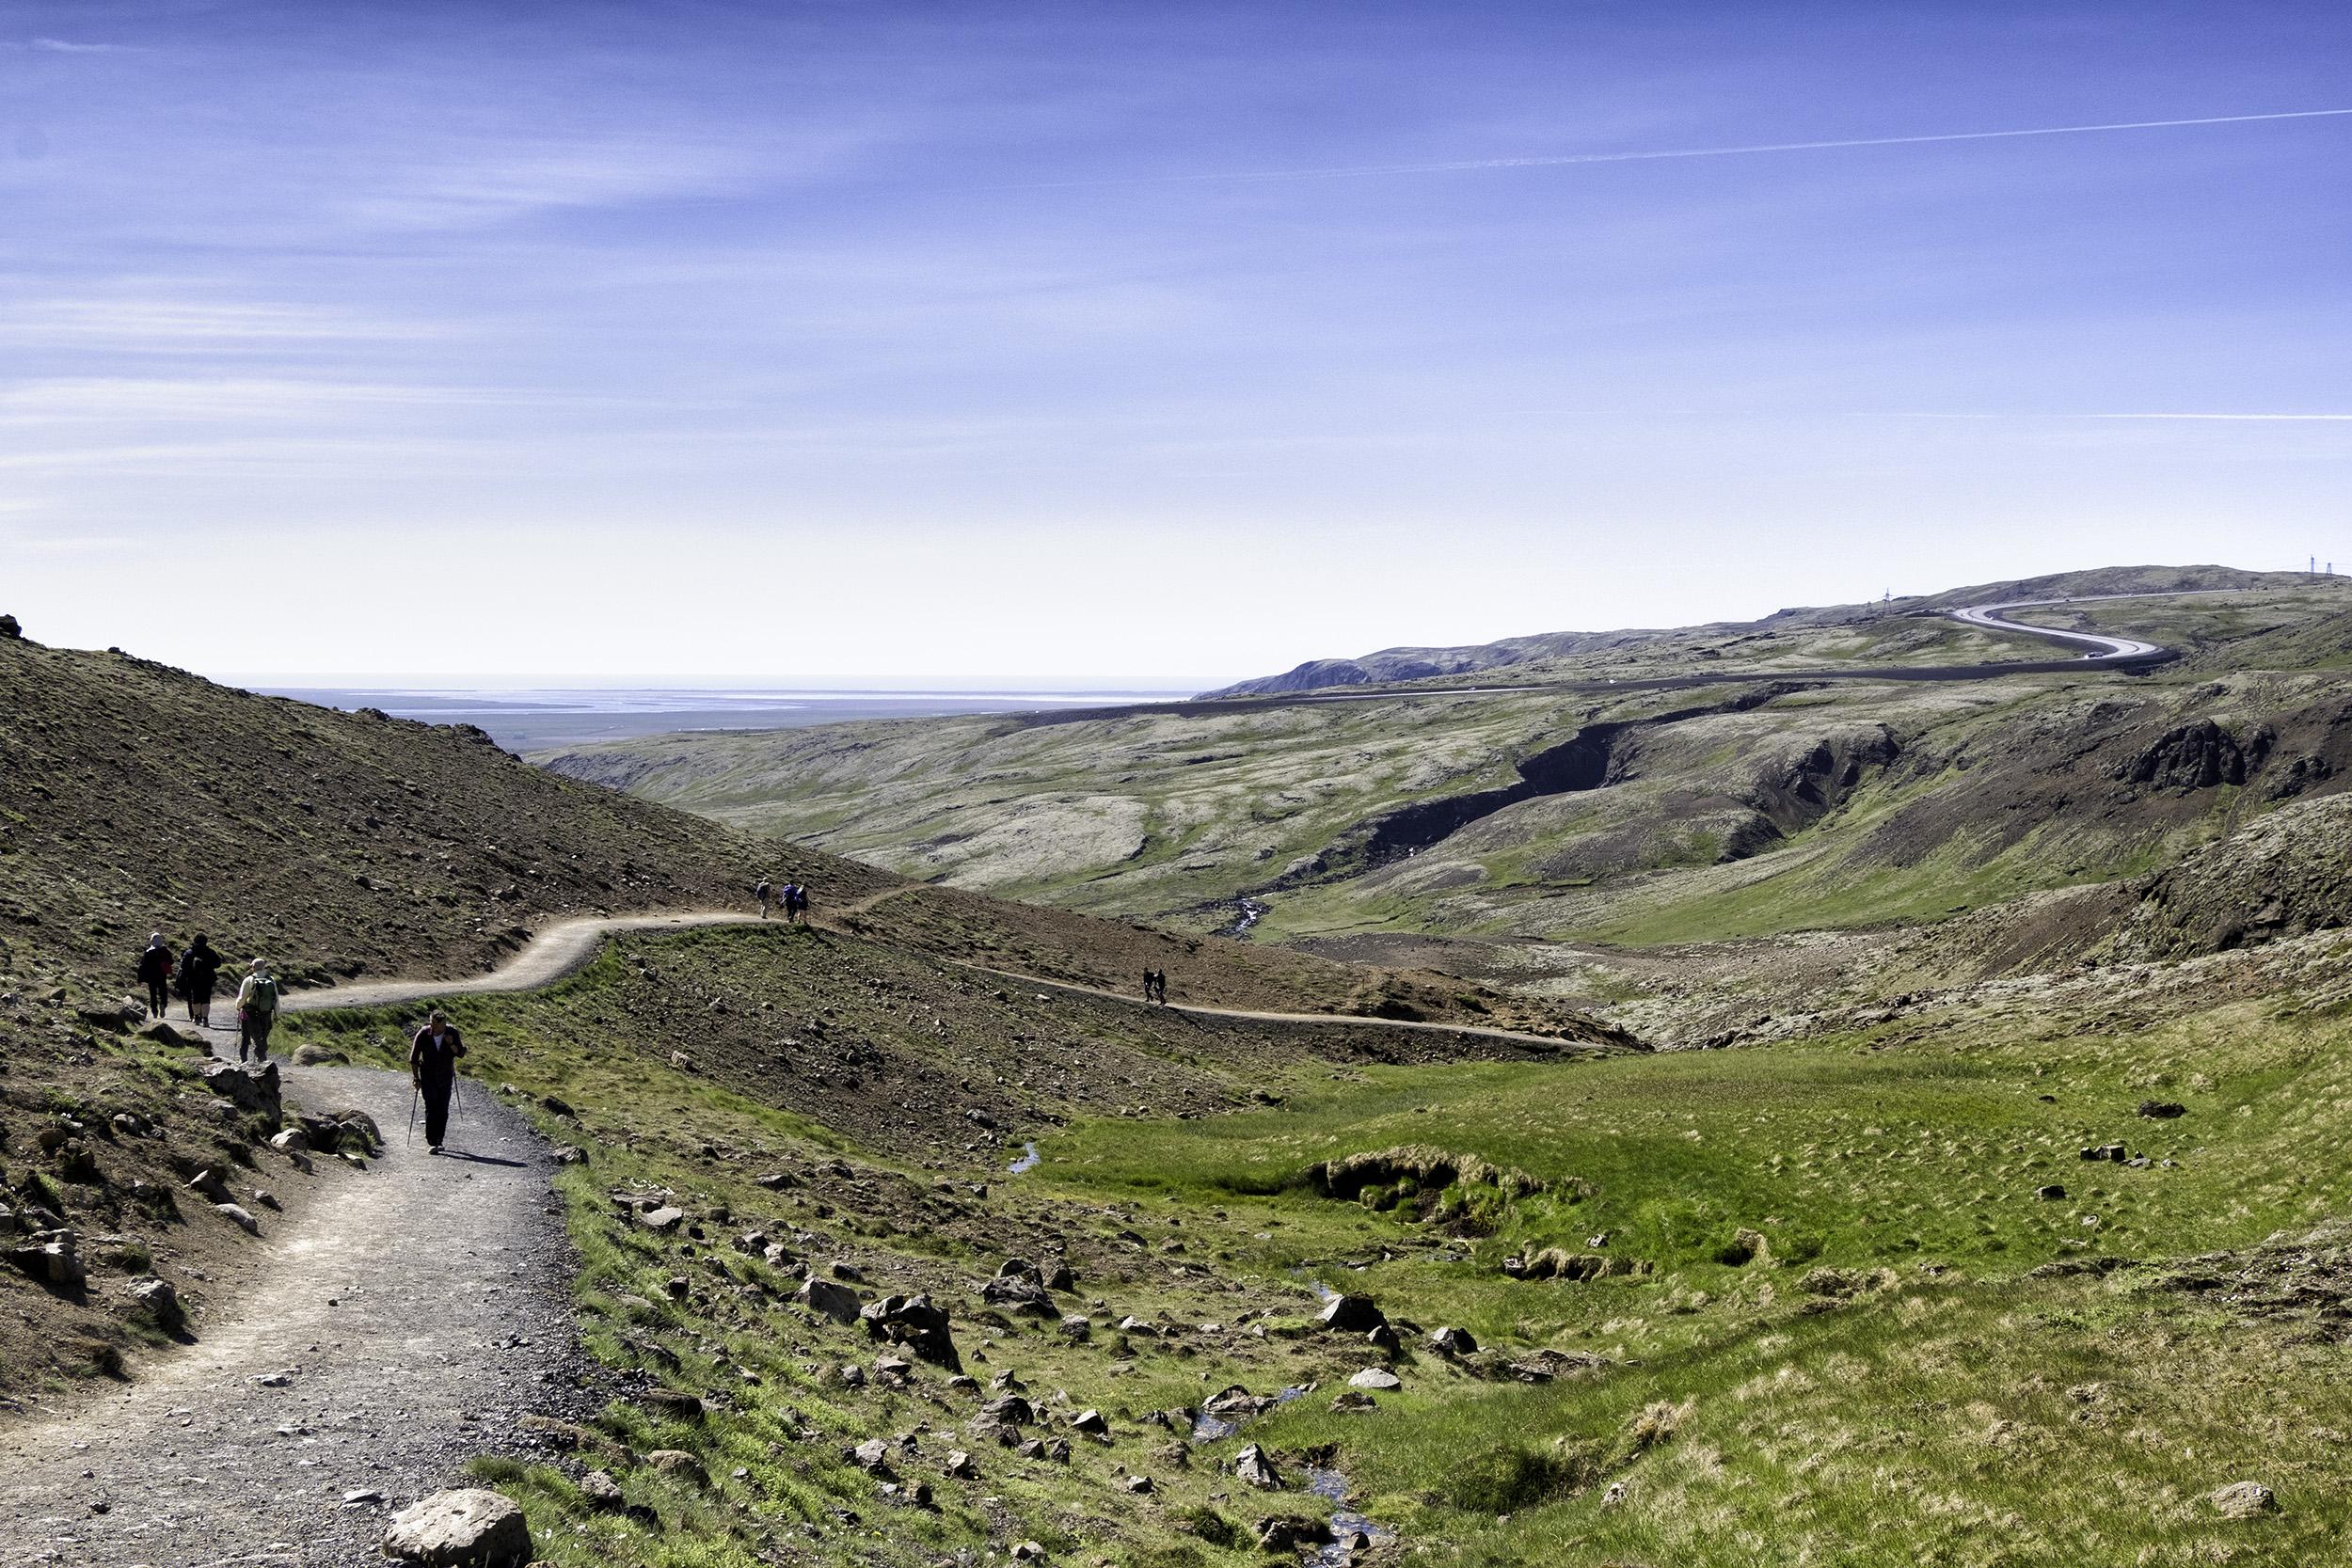 Path to Reykjadalur Hot Spring